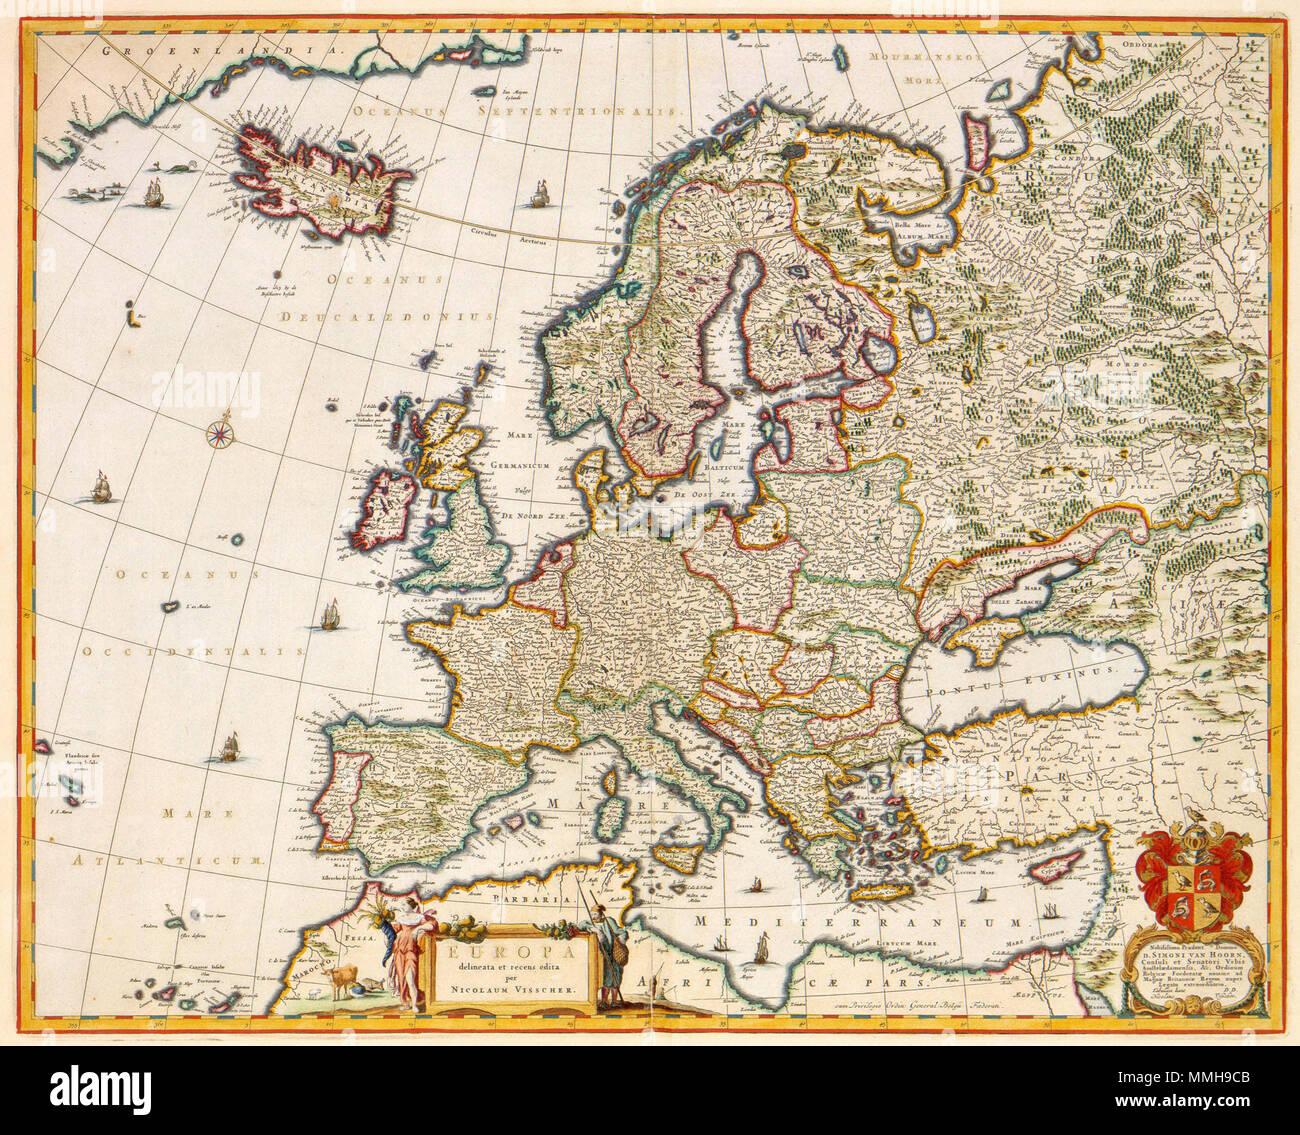 Nederlands Deze Kaart Van Europa Werd Gepubliceerd Door Nicolaes